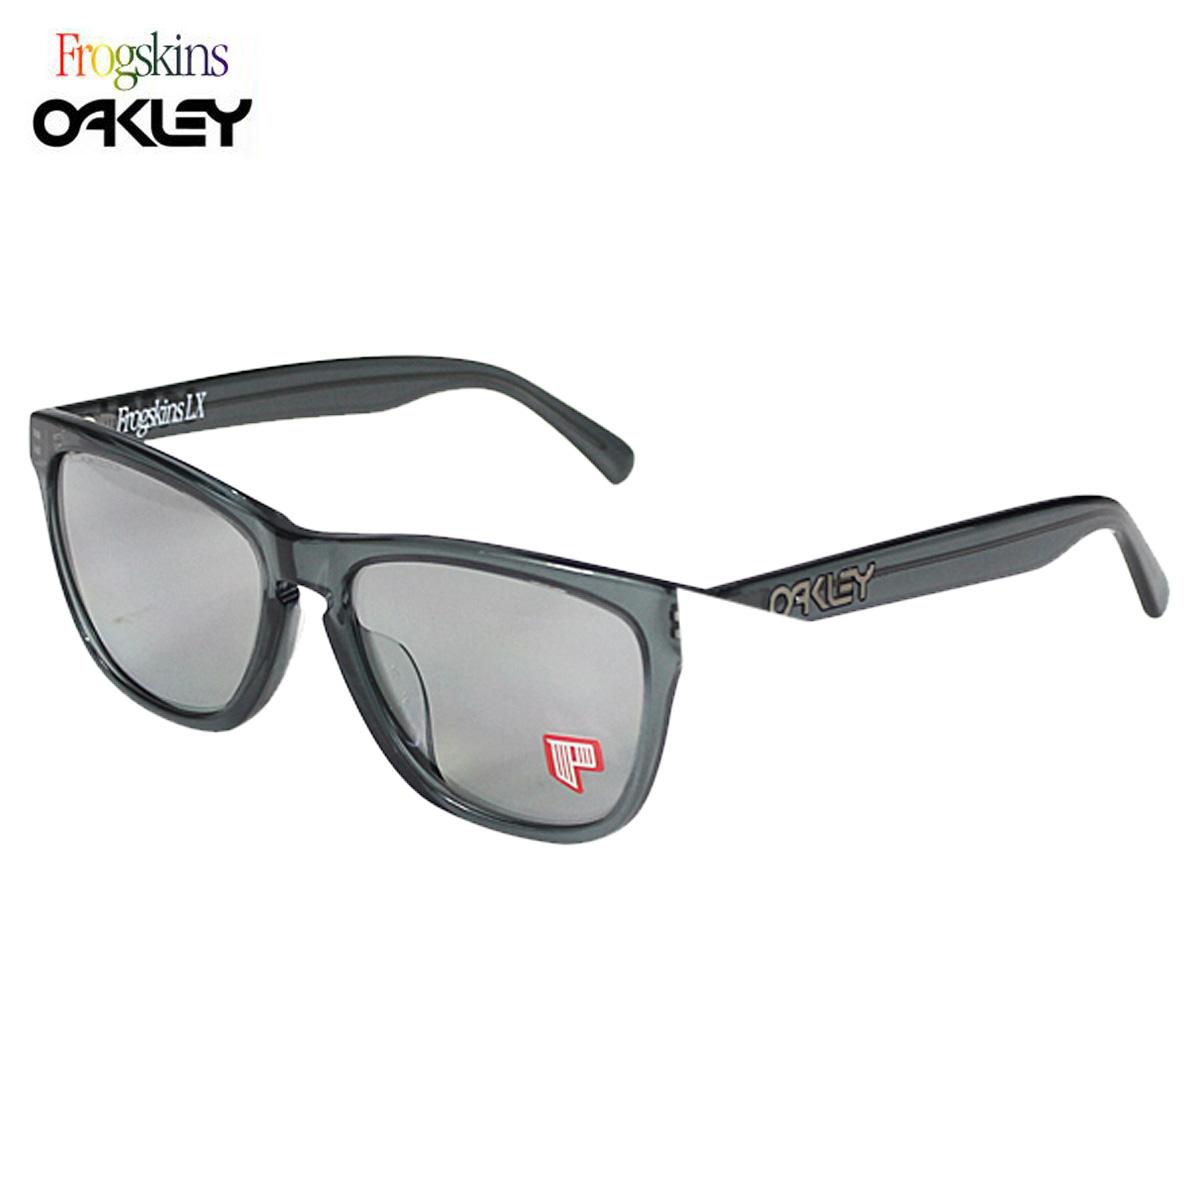 04bf35499ba79 ... czech sugar online shop rakuten global market sold out oakley oakley  sunglasses polarized frogskins lx polarized